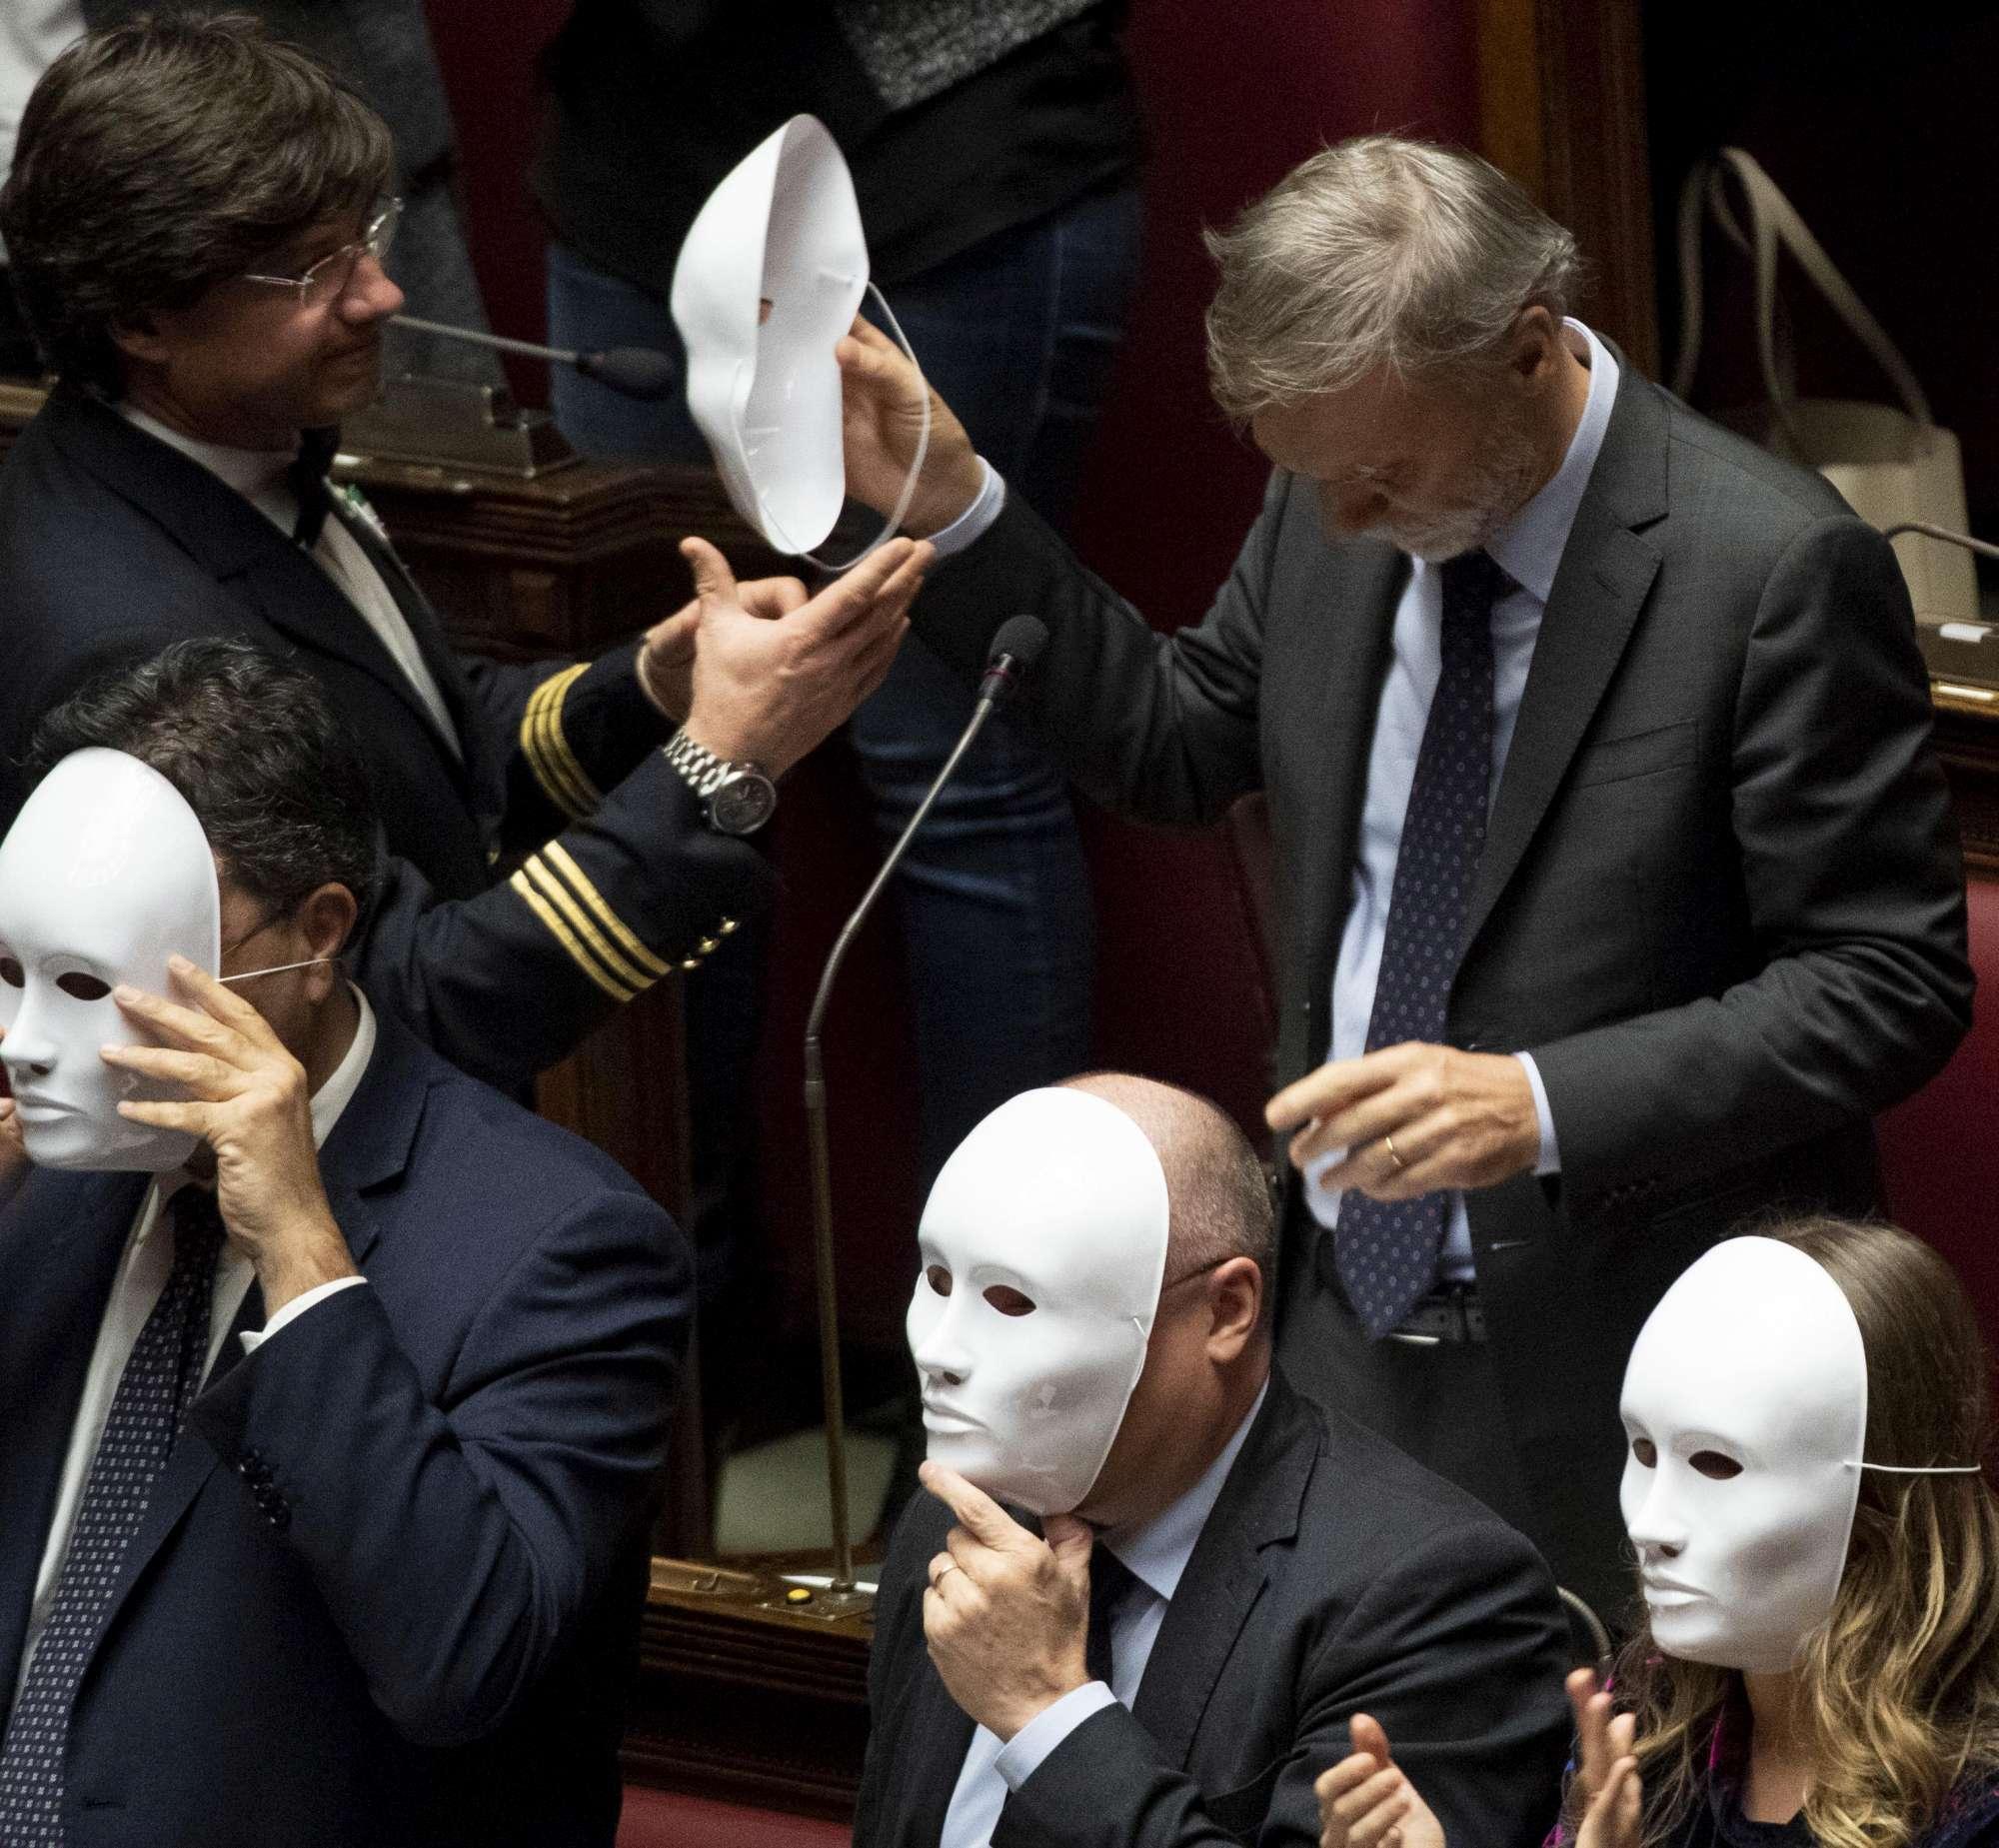 Pd in Aula con maschere bianche per gli